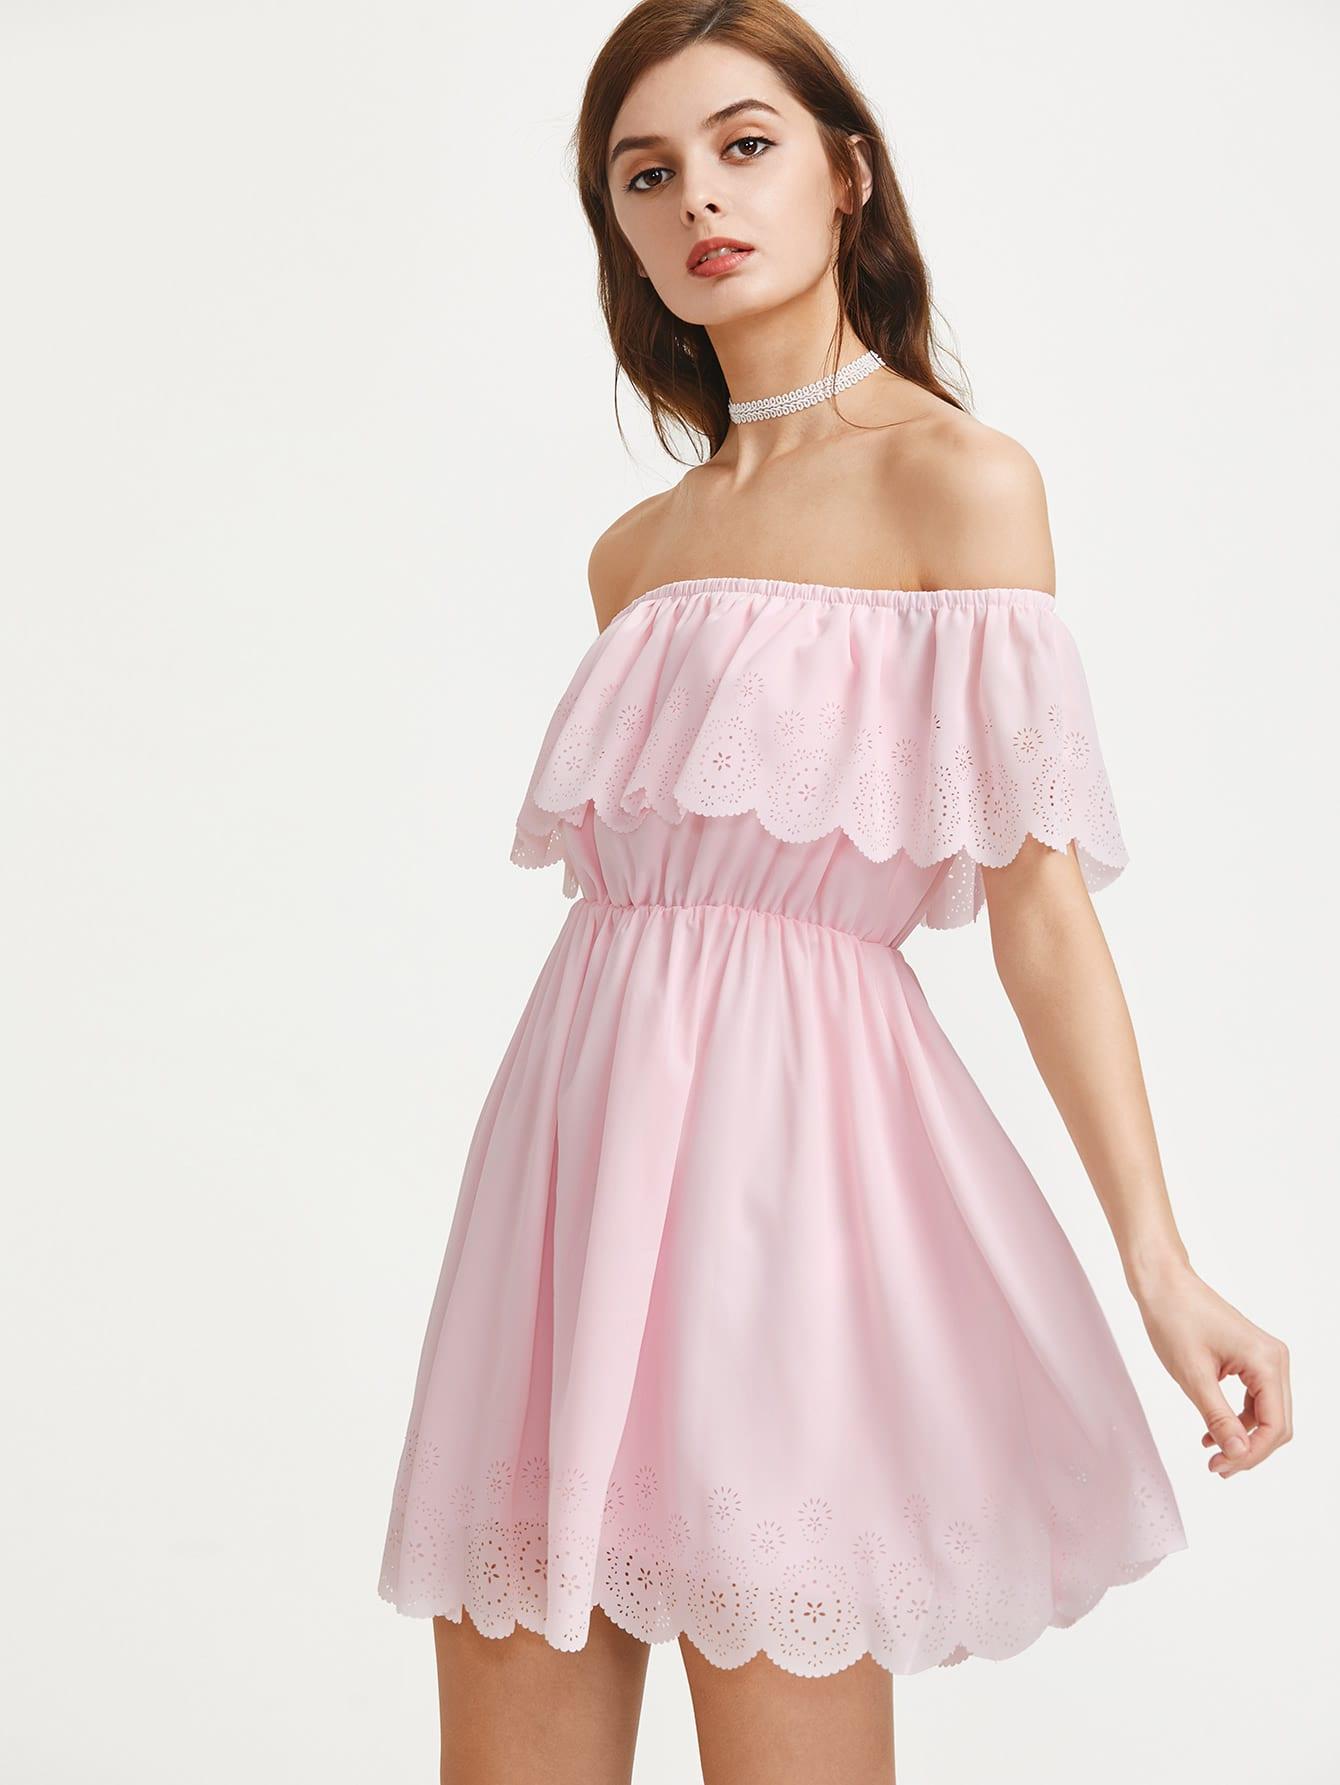 dress170329702_2